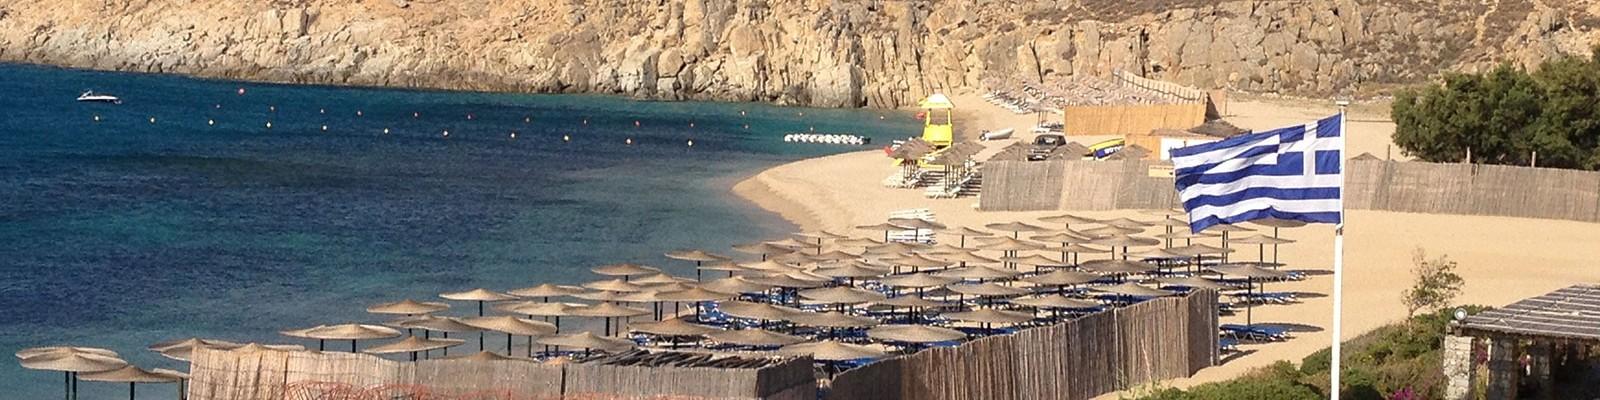 agrari-beach